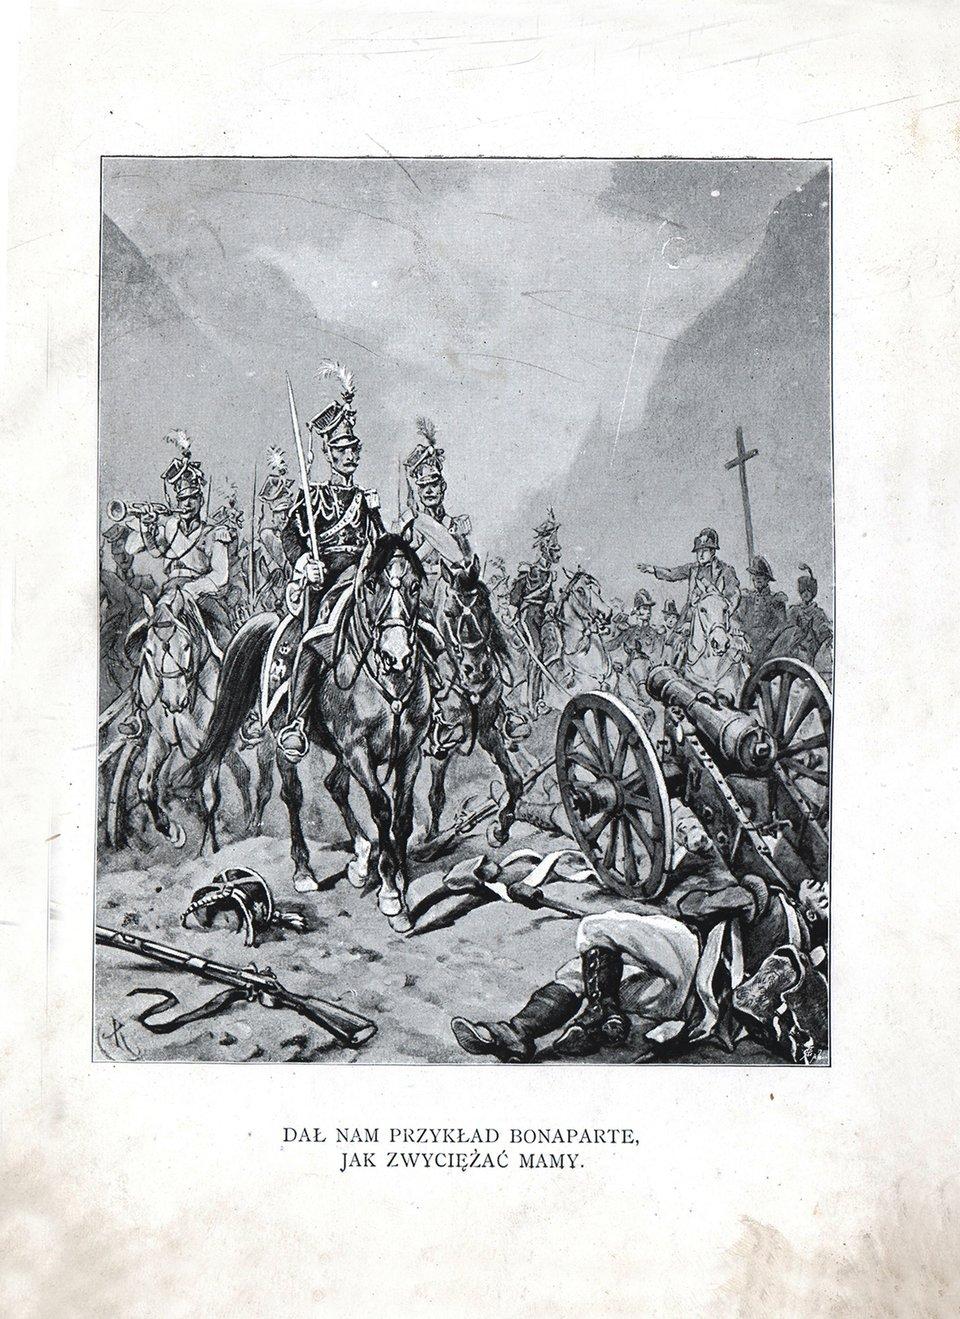 Pieśń Legionów Źródło: Juliusz Kossak, Pieśń Legionów, domena publiczna.